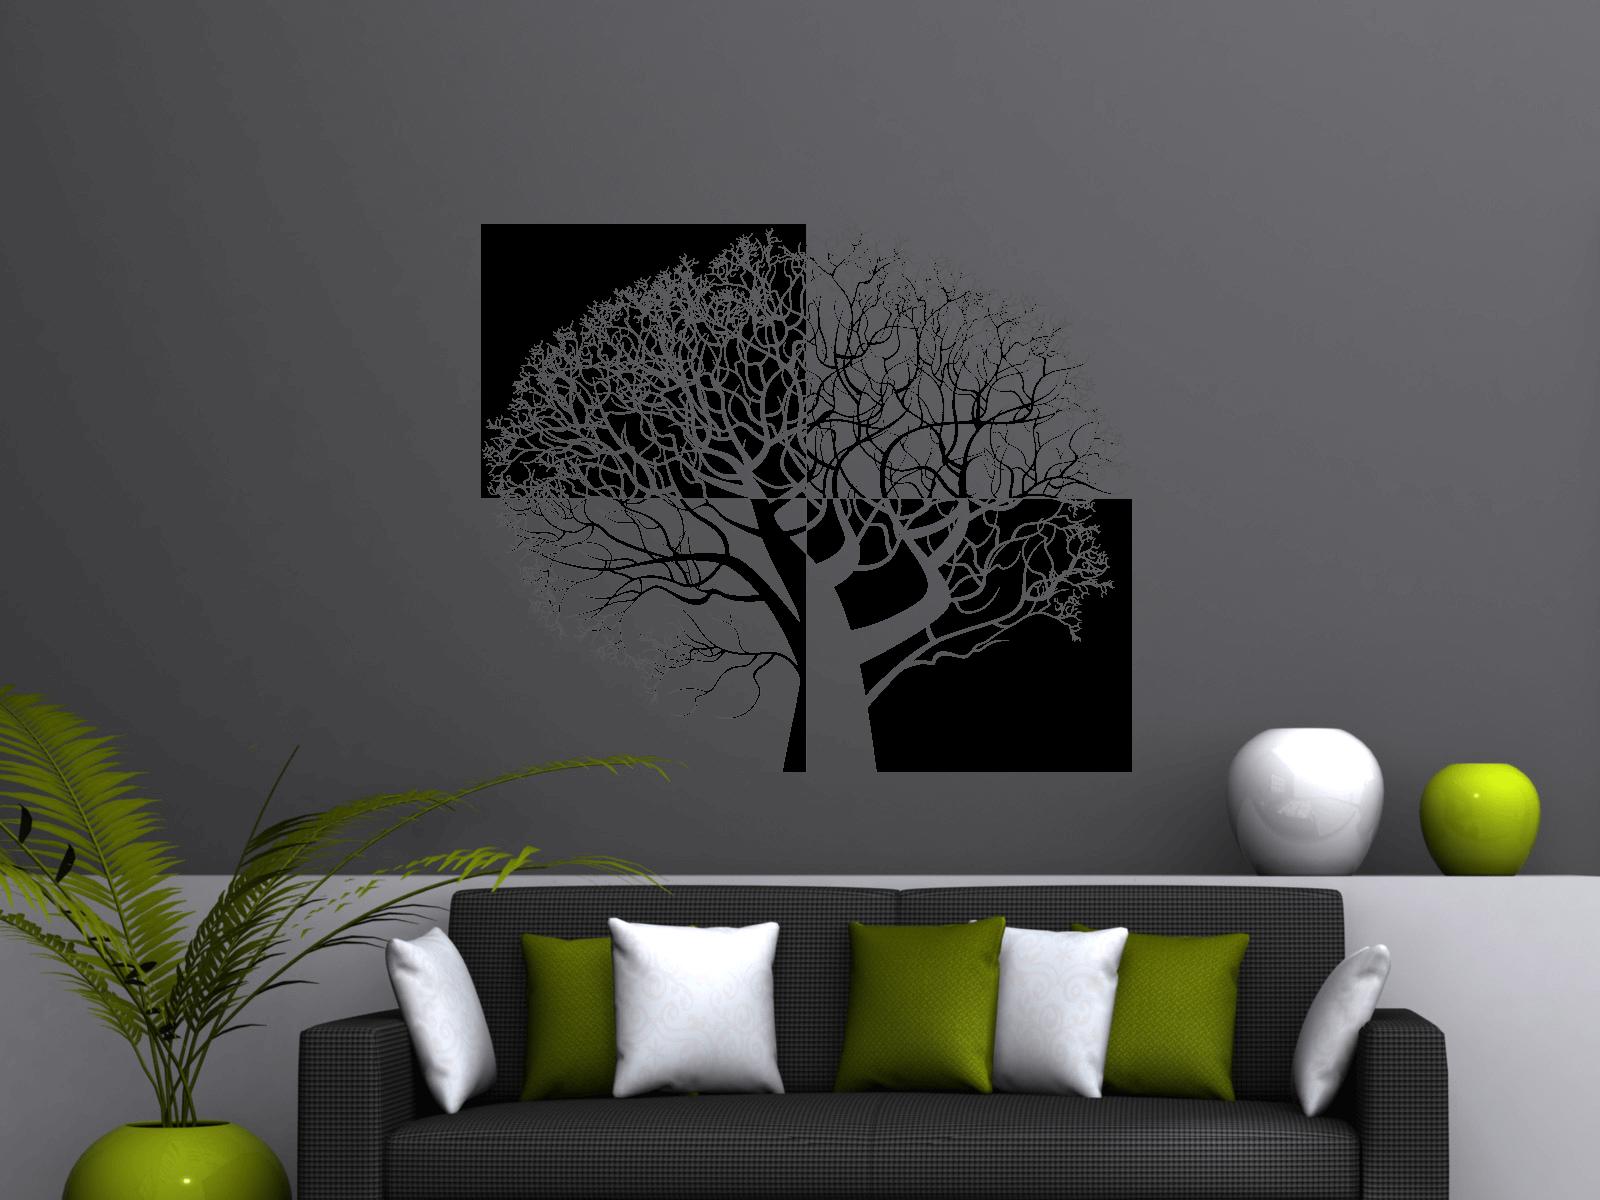 wandtattoo baum xxl 236cm x 200cm vierteilig tocut. Black Bedroom Furniture Sets. Home Design Ideas